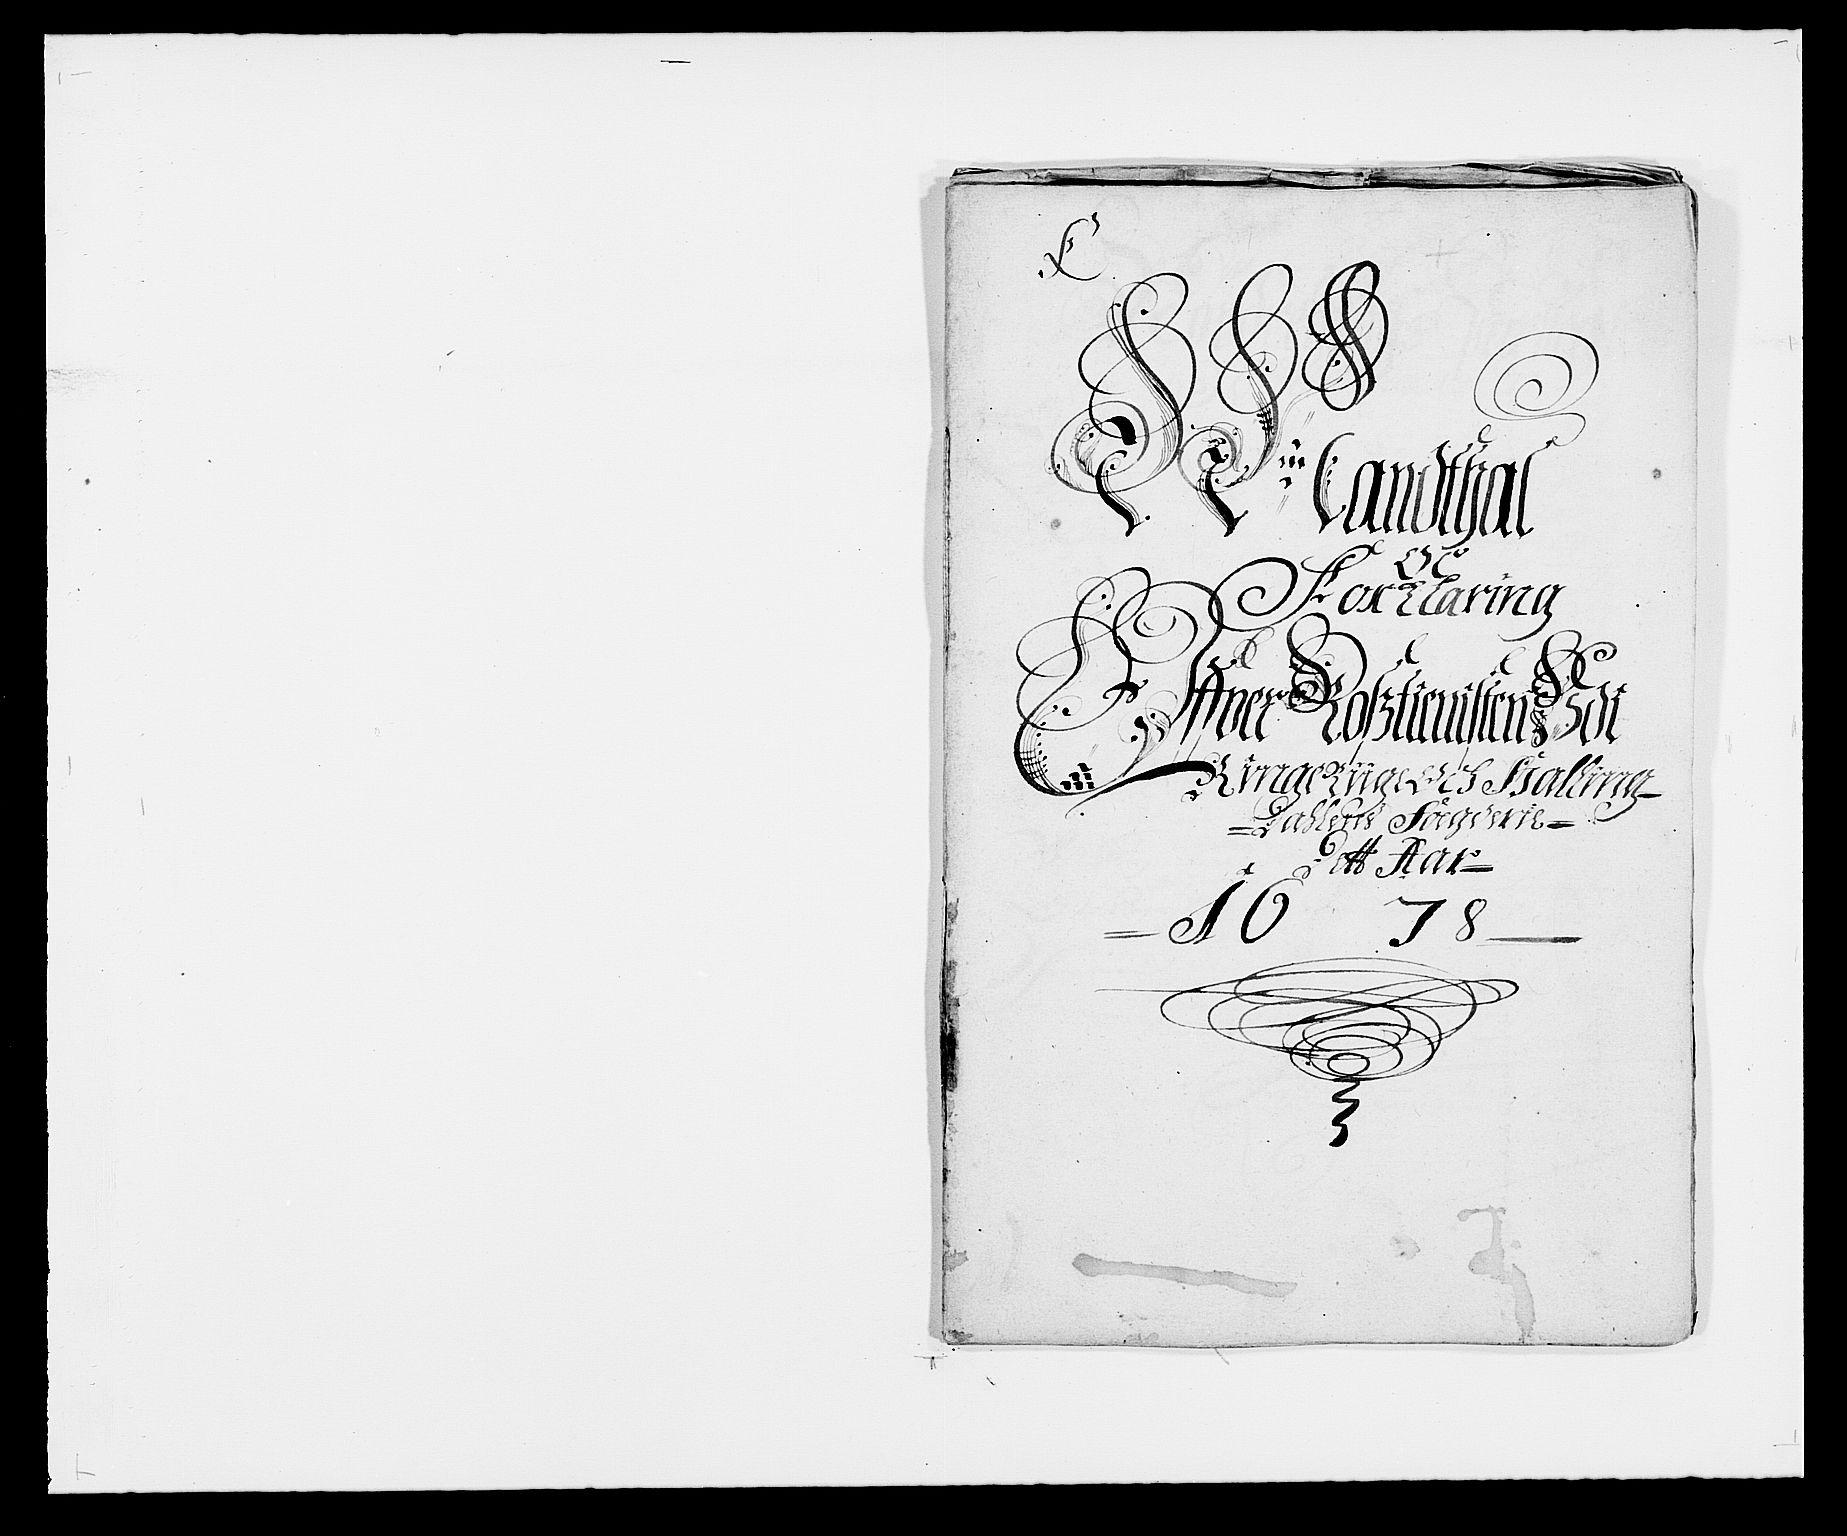 RA, Rentekammeret inntil 1814, Reviderte regnskaper, Fogderegnskap, R21/L1443: Fogderegnskap Ringerike og Hallingdal, 1678-1680, s. 173